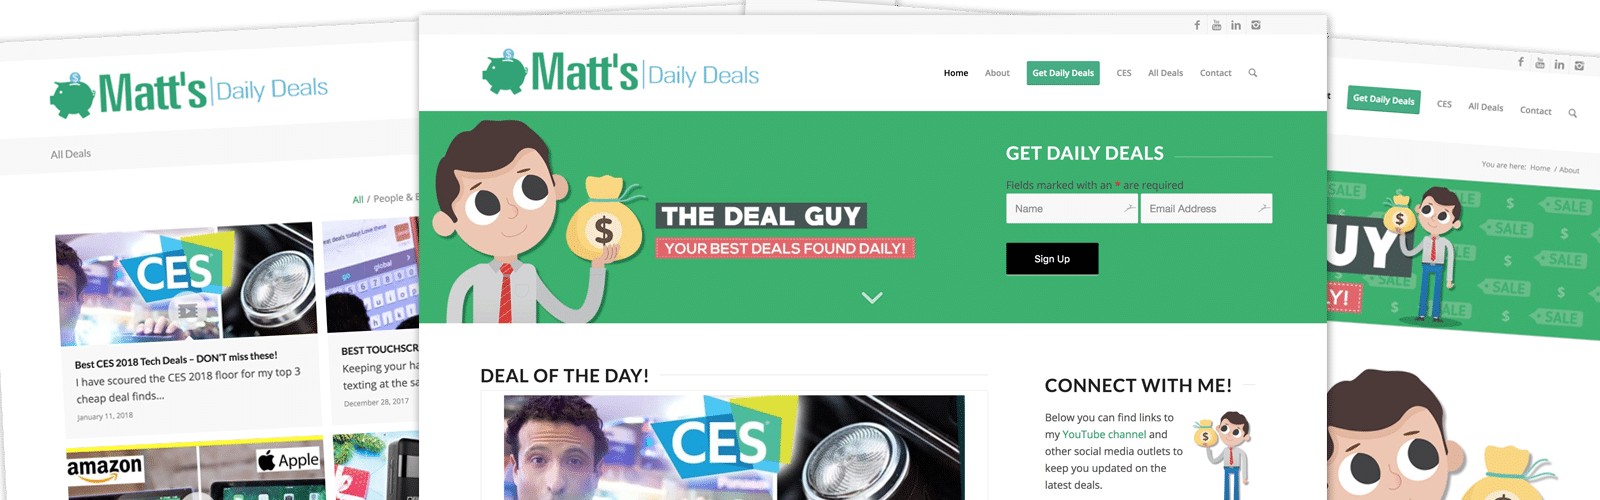 Matt's Daily Deals